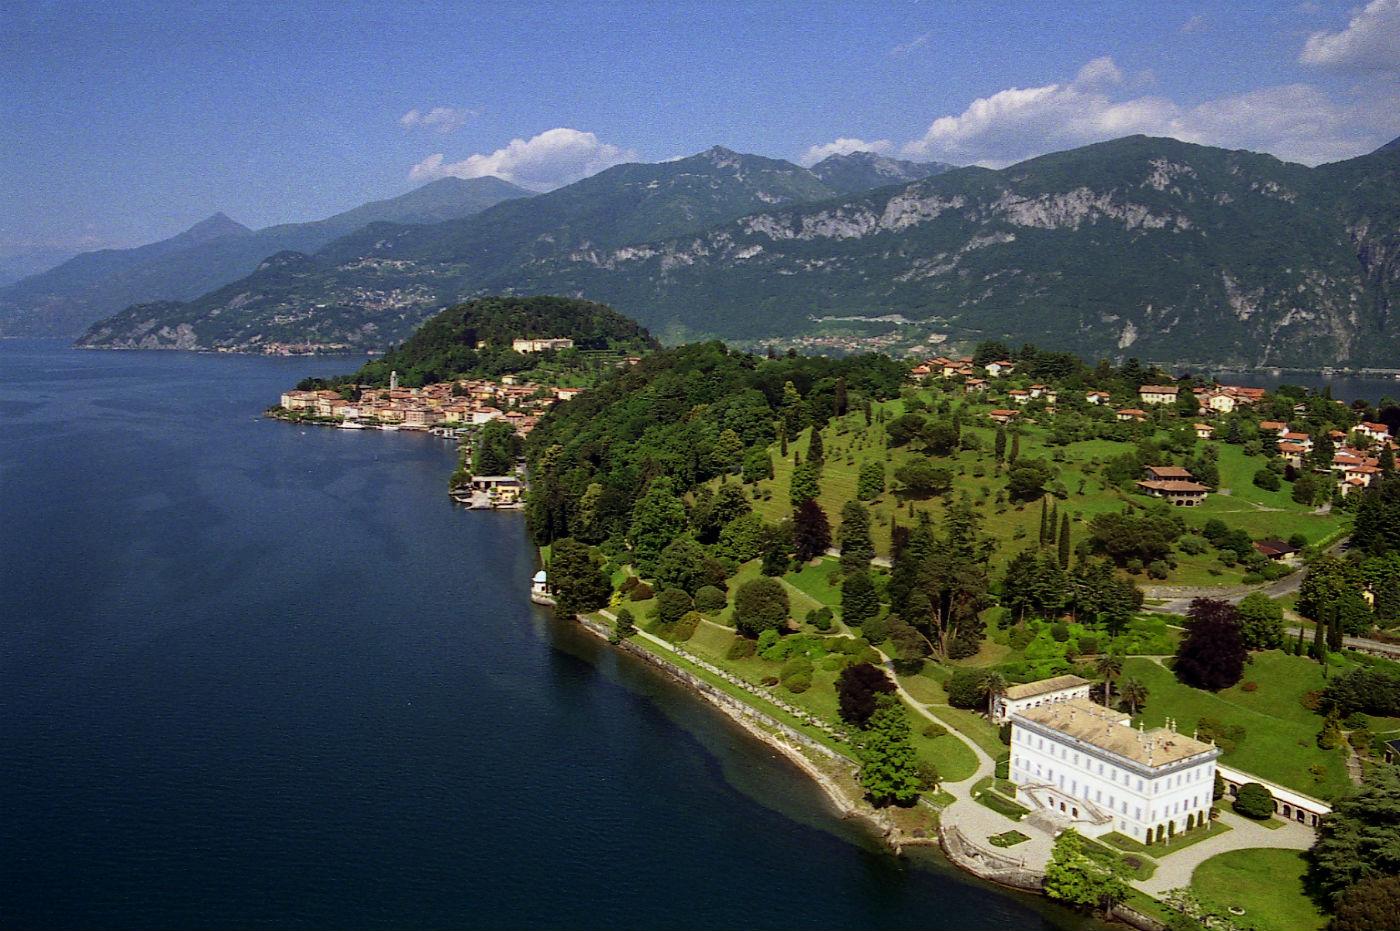 Office du tourisme promo bellagio la perle du lac - Levanto italie office du tourisme ...